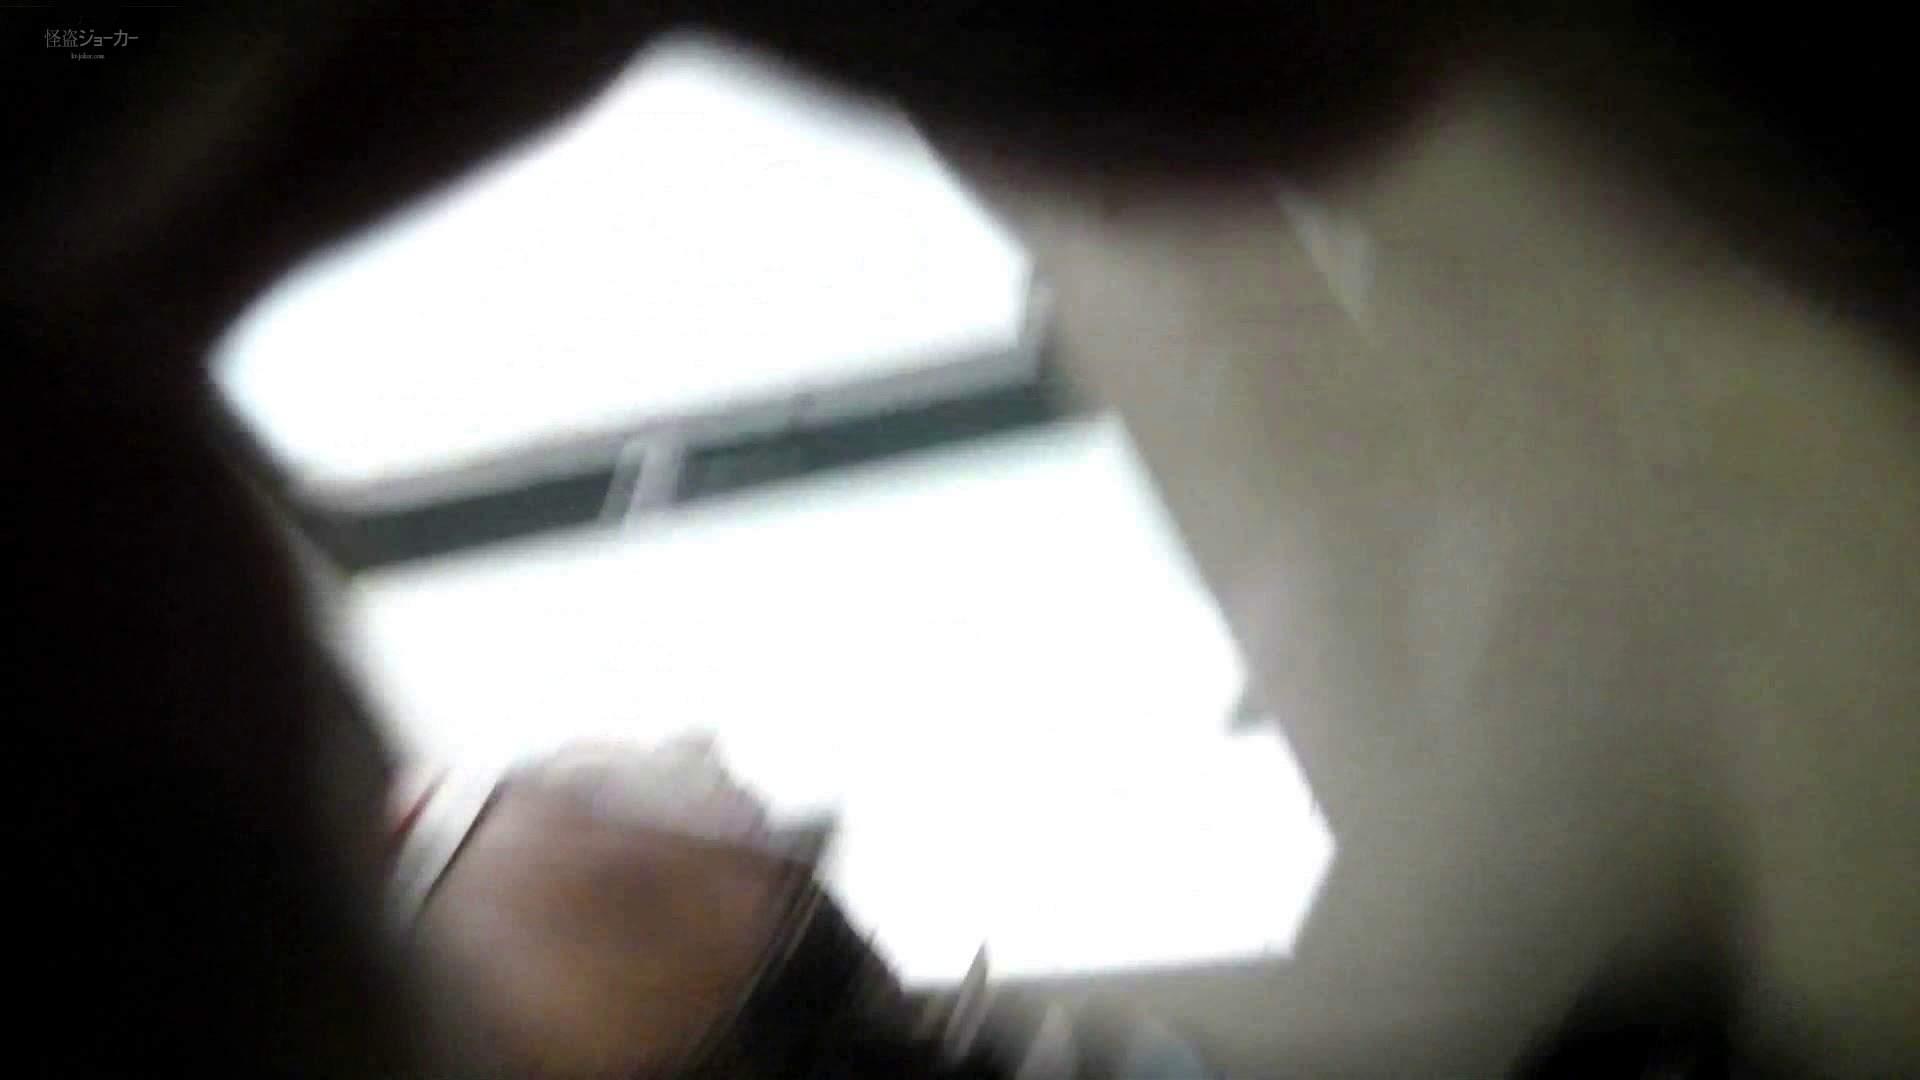 ステーション編 vol.25 必見桜庭みなみ?似 登場! 高画質 | 洗面所のぞき  105枚 31